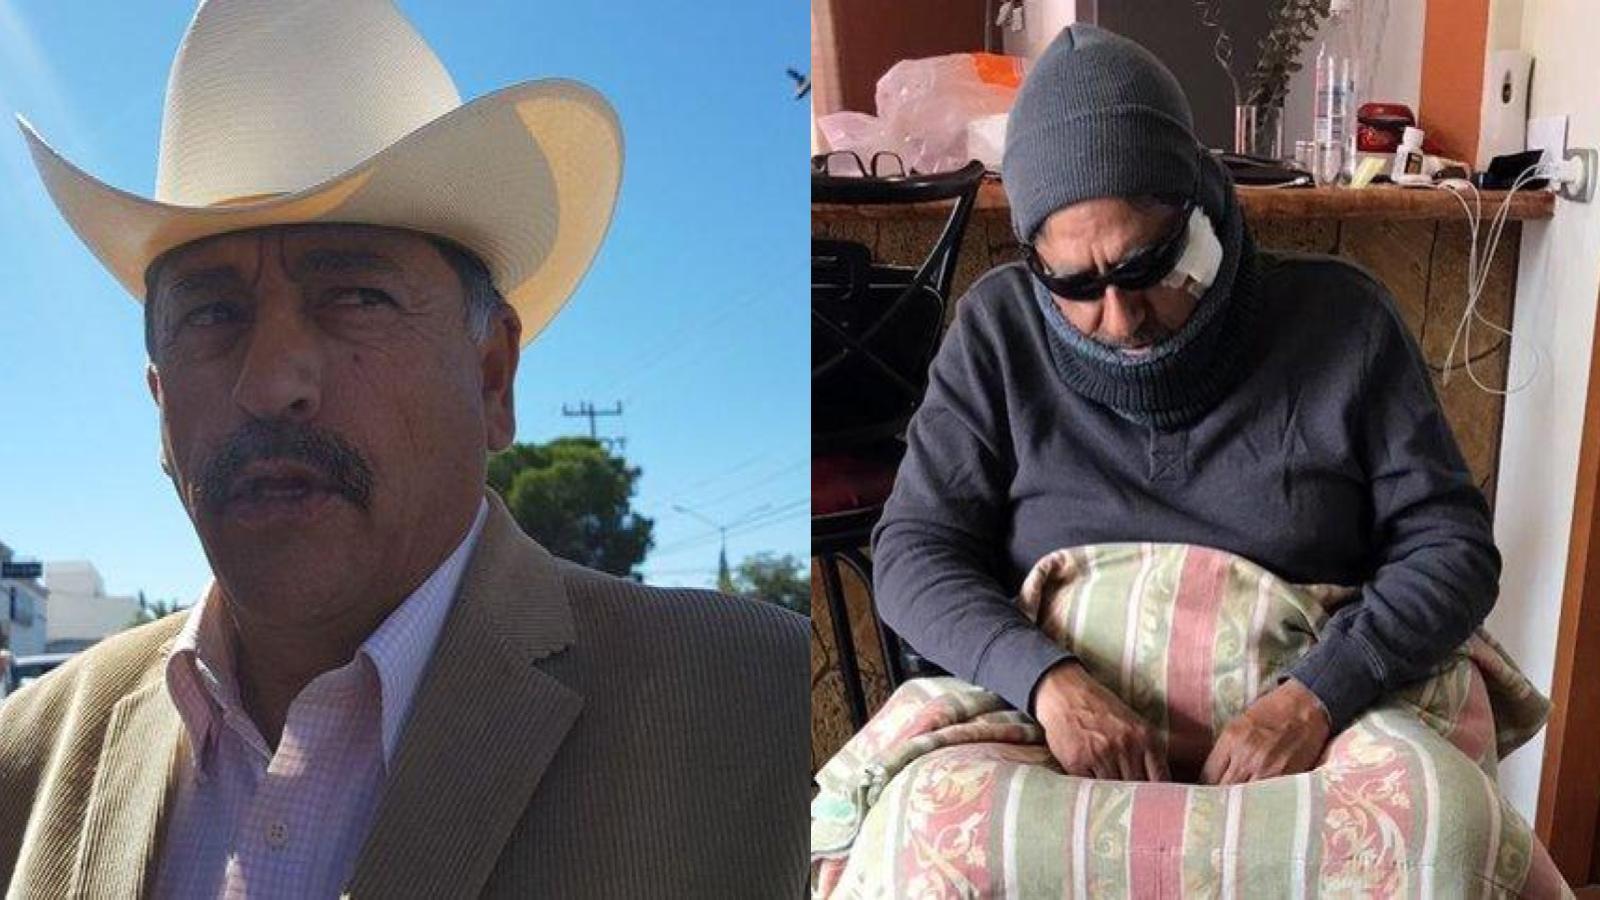 Alcalde Chihuahua disfrazado discapacitado lección empleados